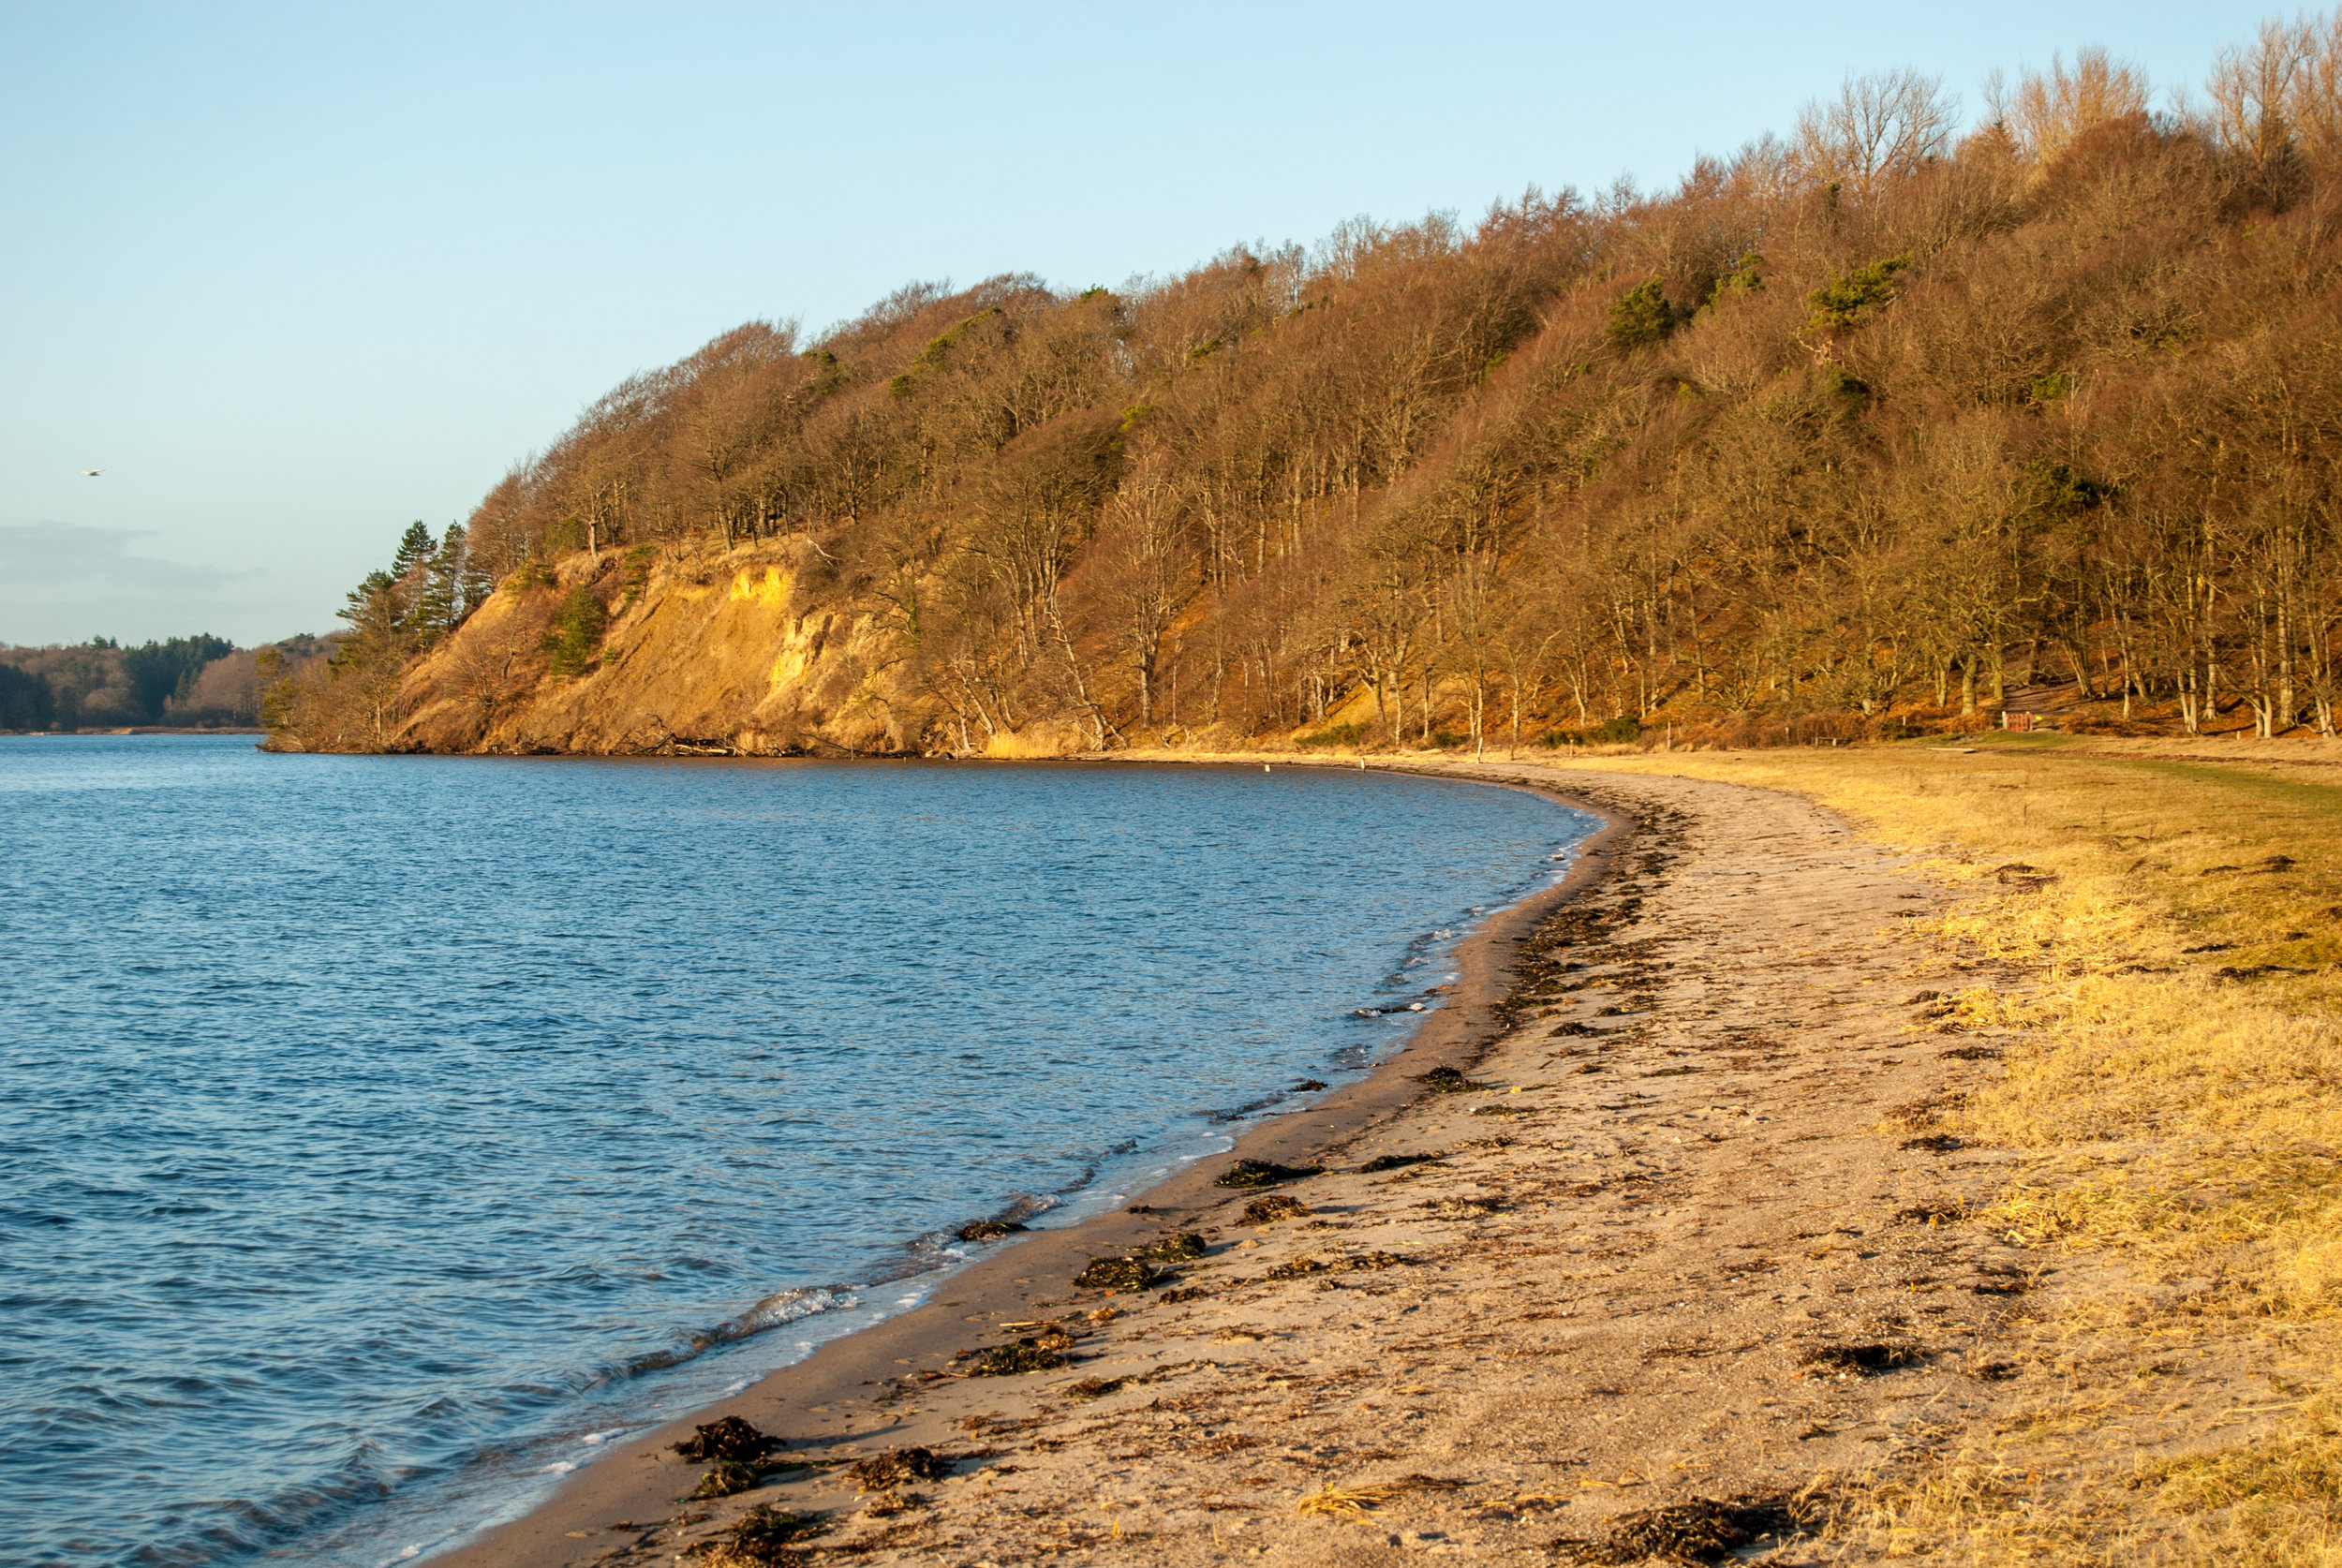 Beach at Hindsgavl. Nikon D200.